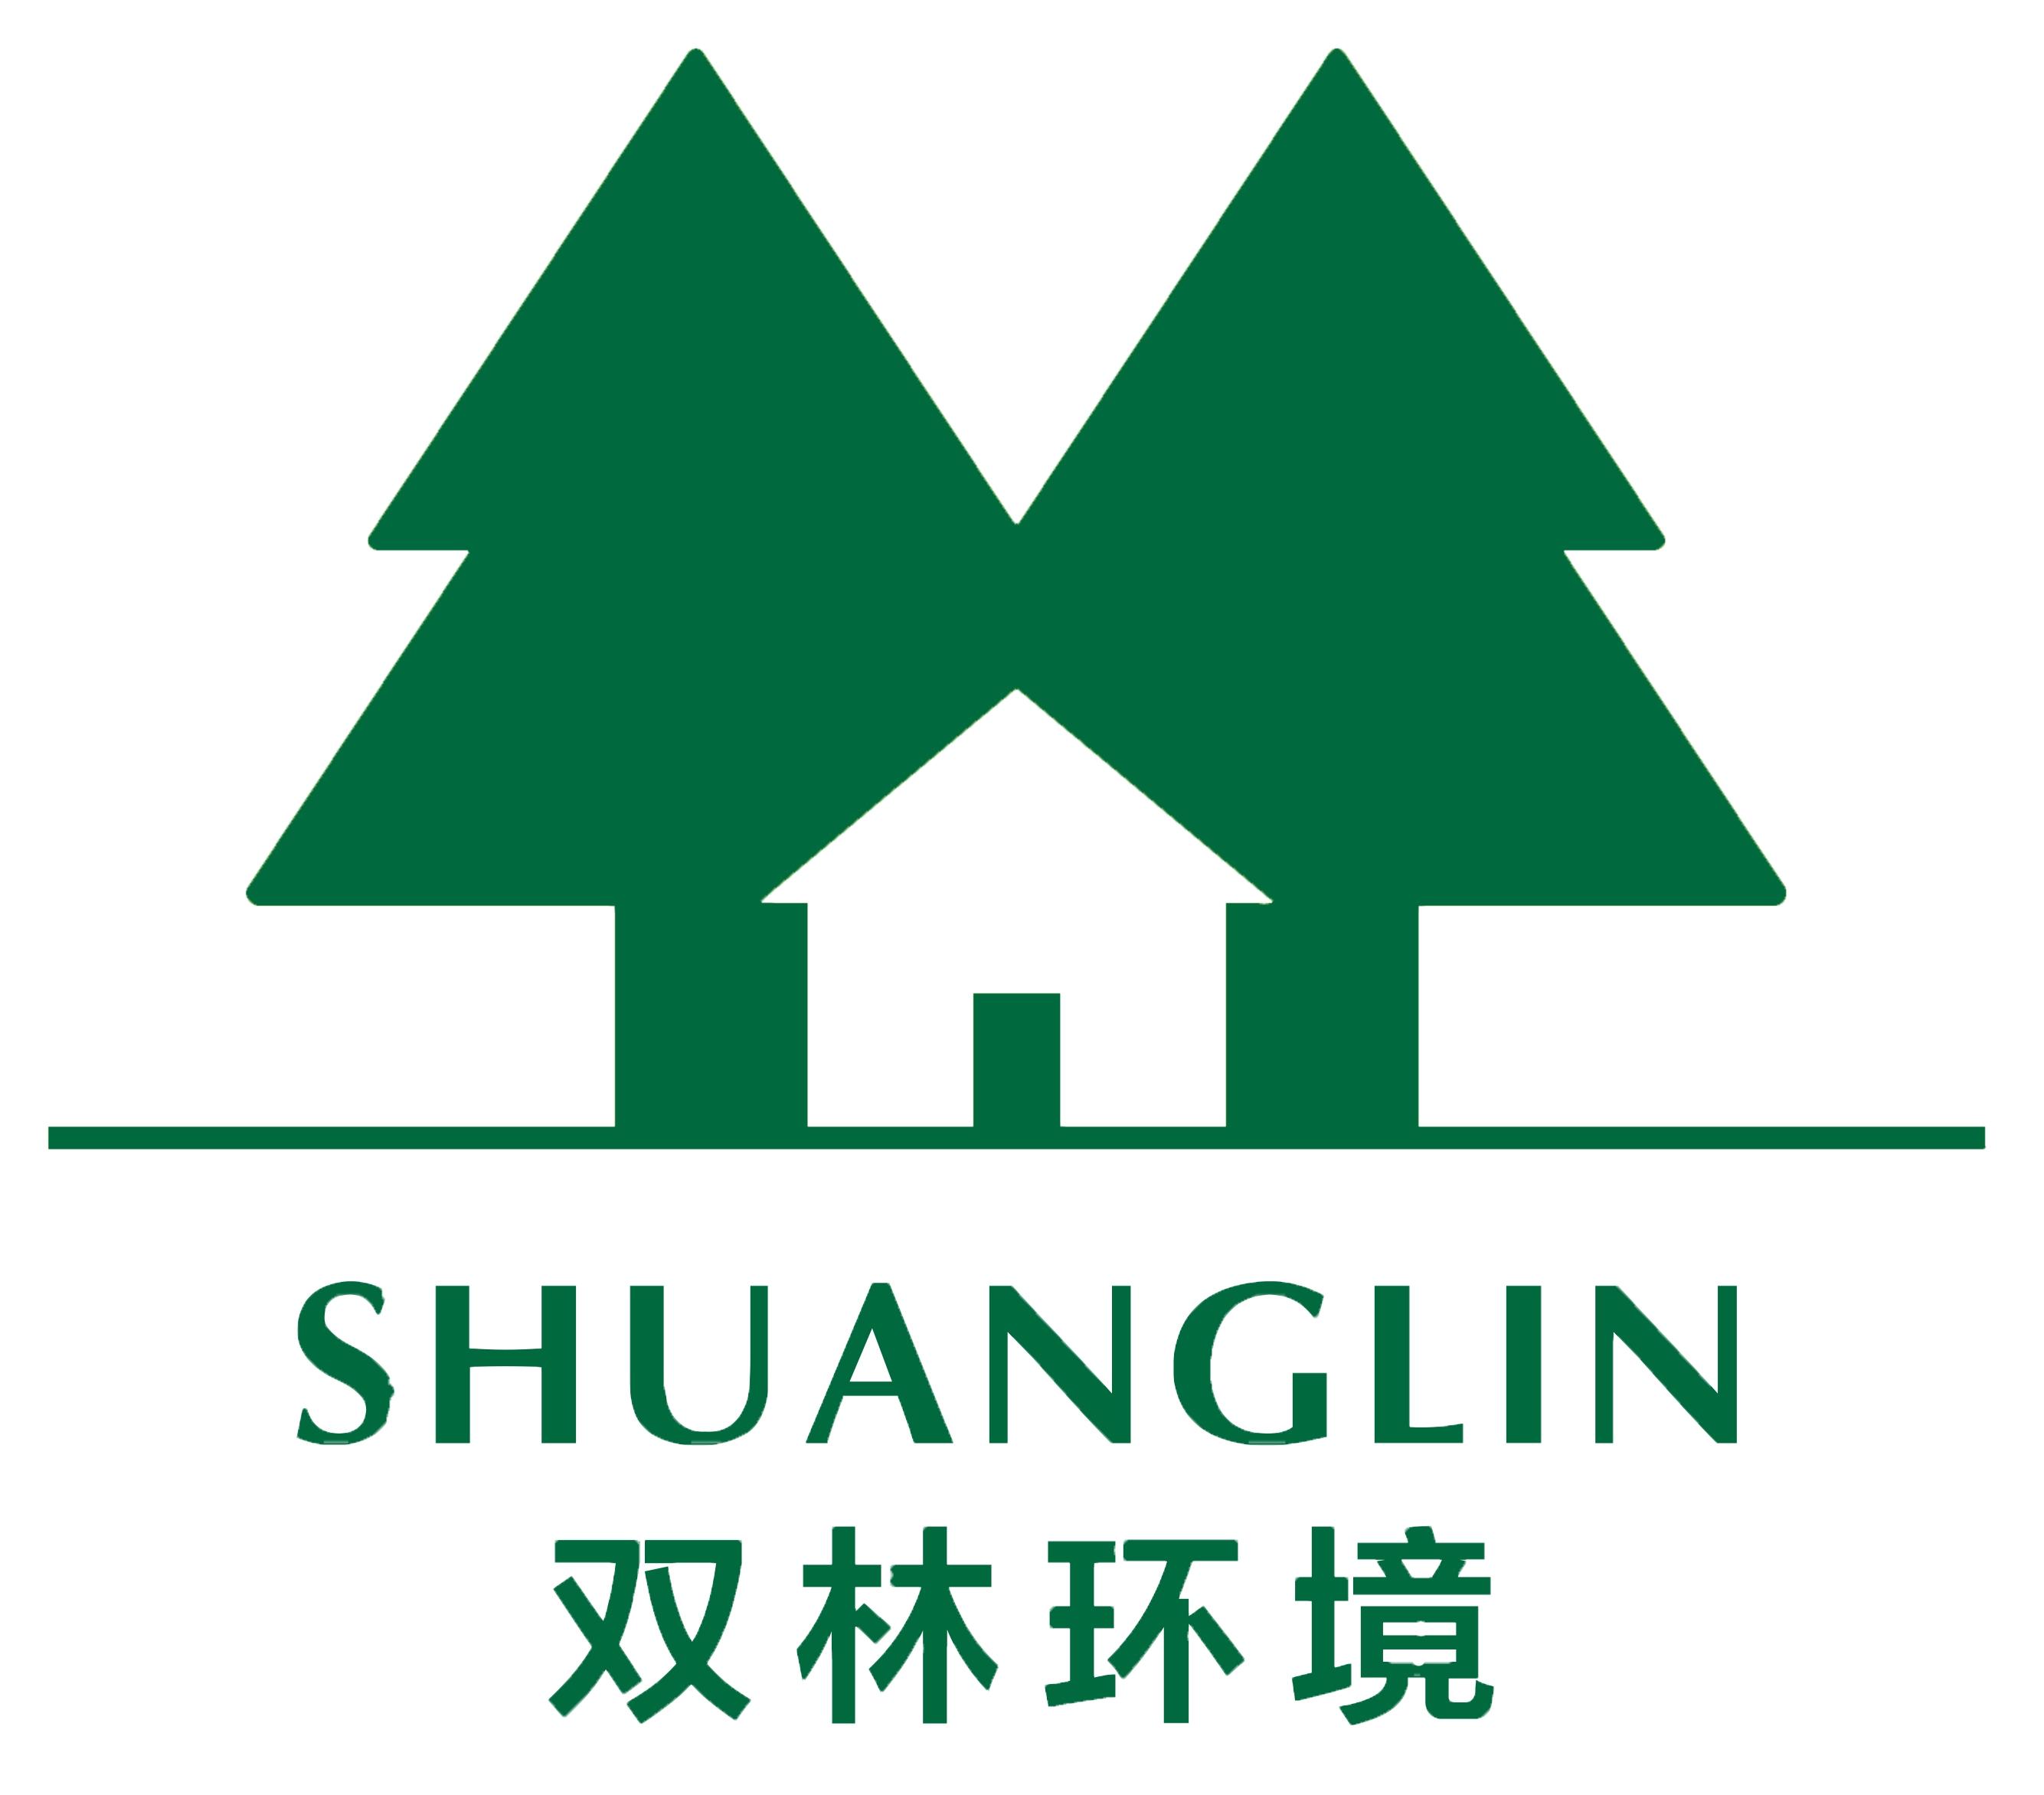 浙江双林环境股份有限公司